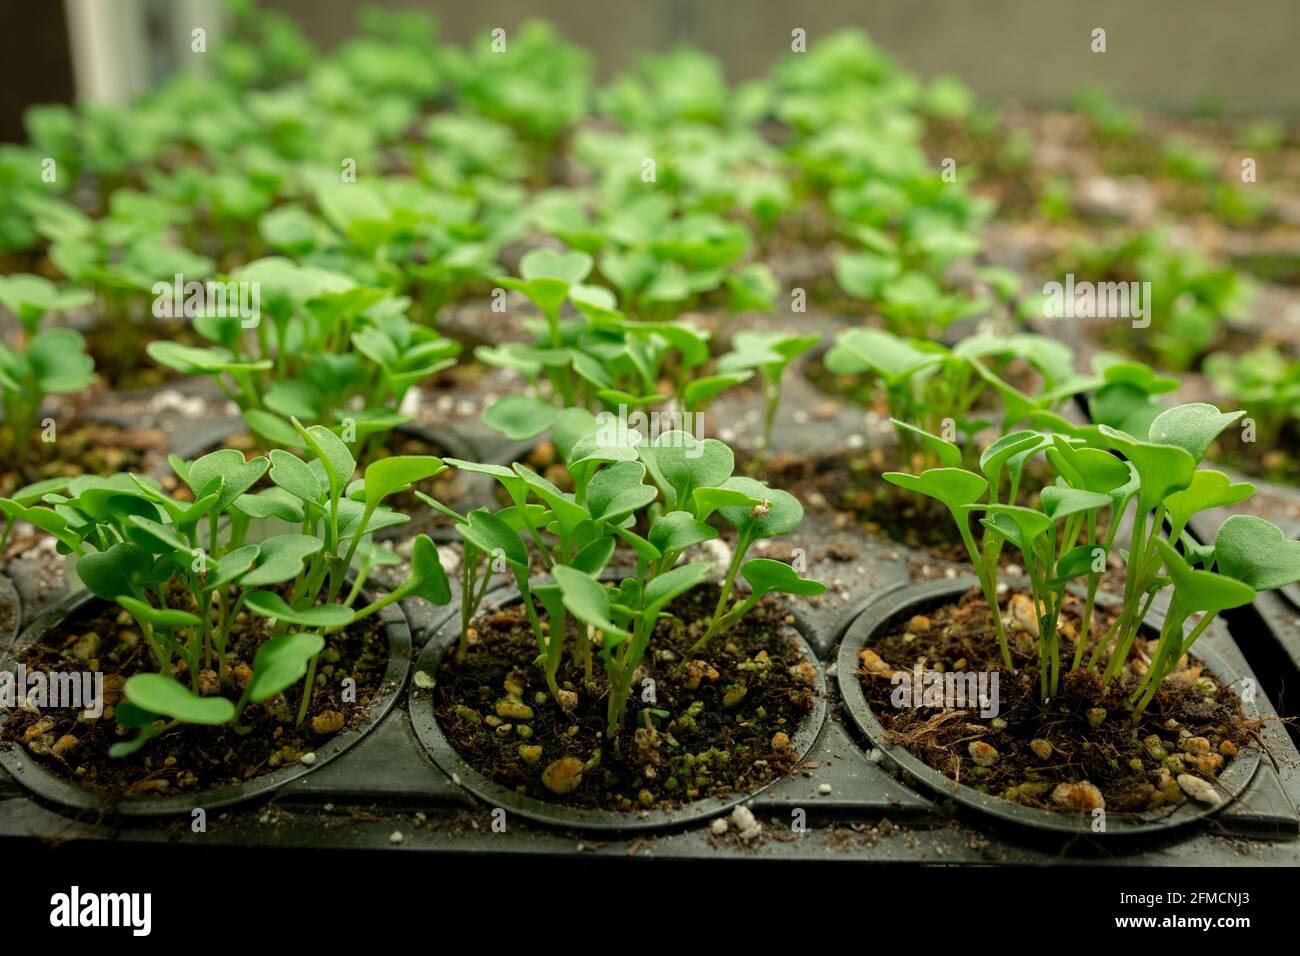 Nahaufnahme von Reihen kleiner grüner Keimlinge, die in Schwarz wachsen Container im Gewächshaus Stockfoto